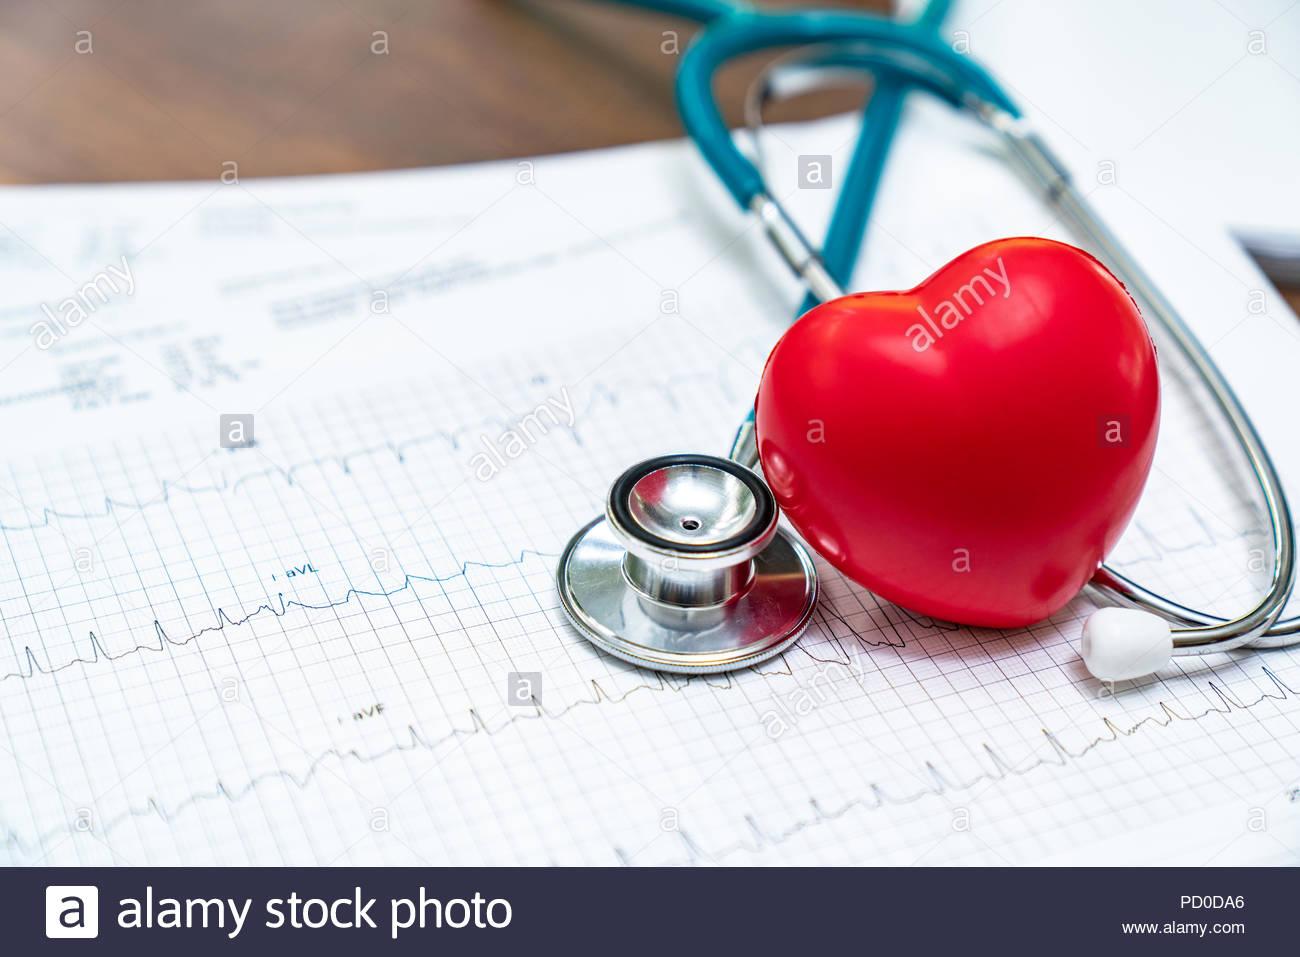 Lo stetoscopio e il cuore rosso cuore Check.Concetto healthcare. Immagini Stock